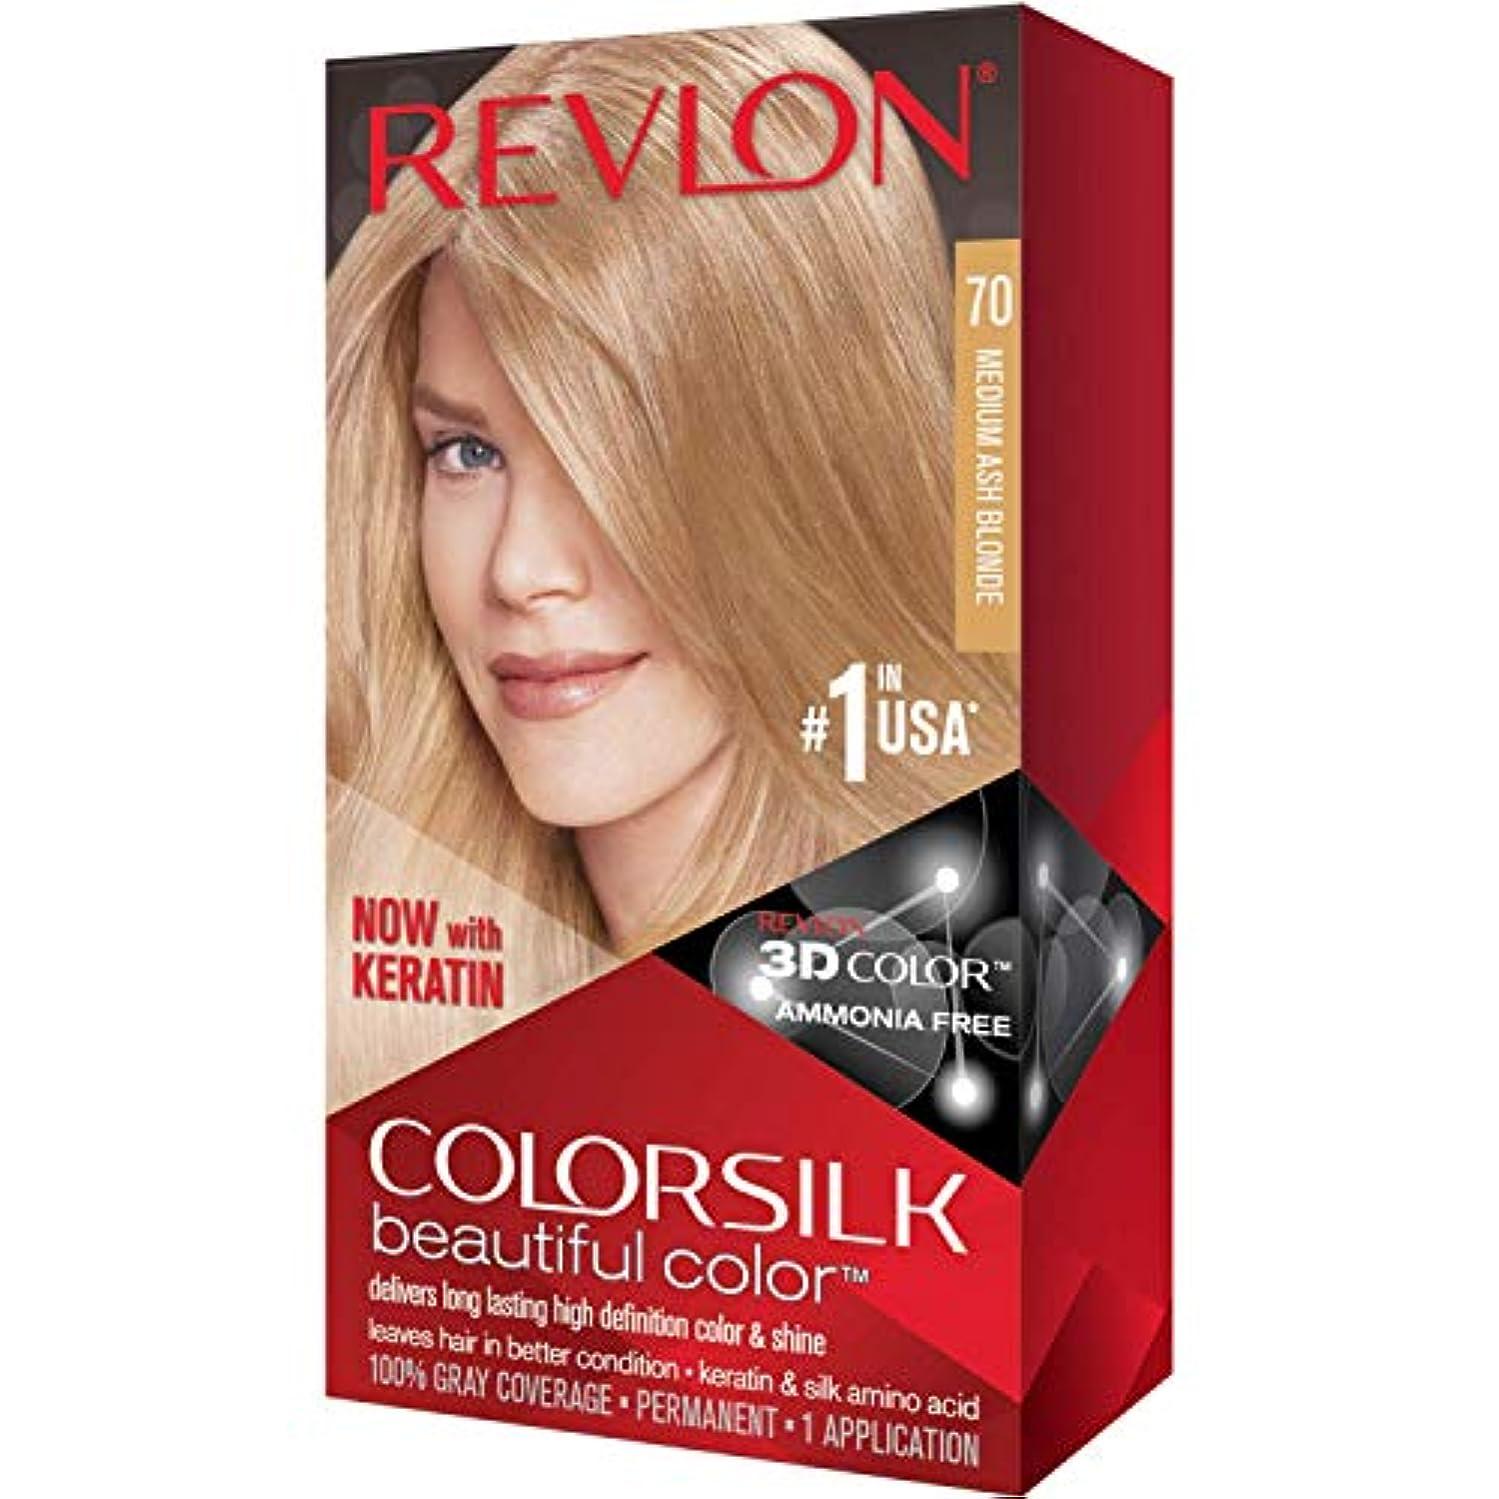 使い込む満州バー海外直送品Revlon Colorsilk Natural Hair Color, 7A Medium Ash Blonde each by Revlon